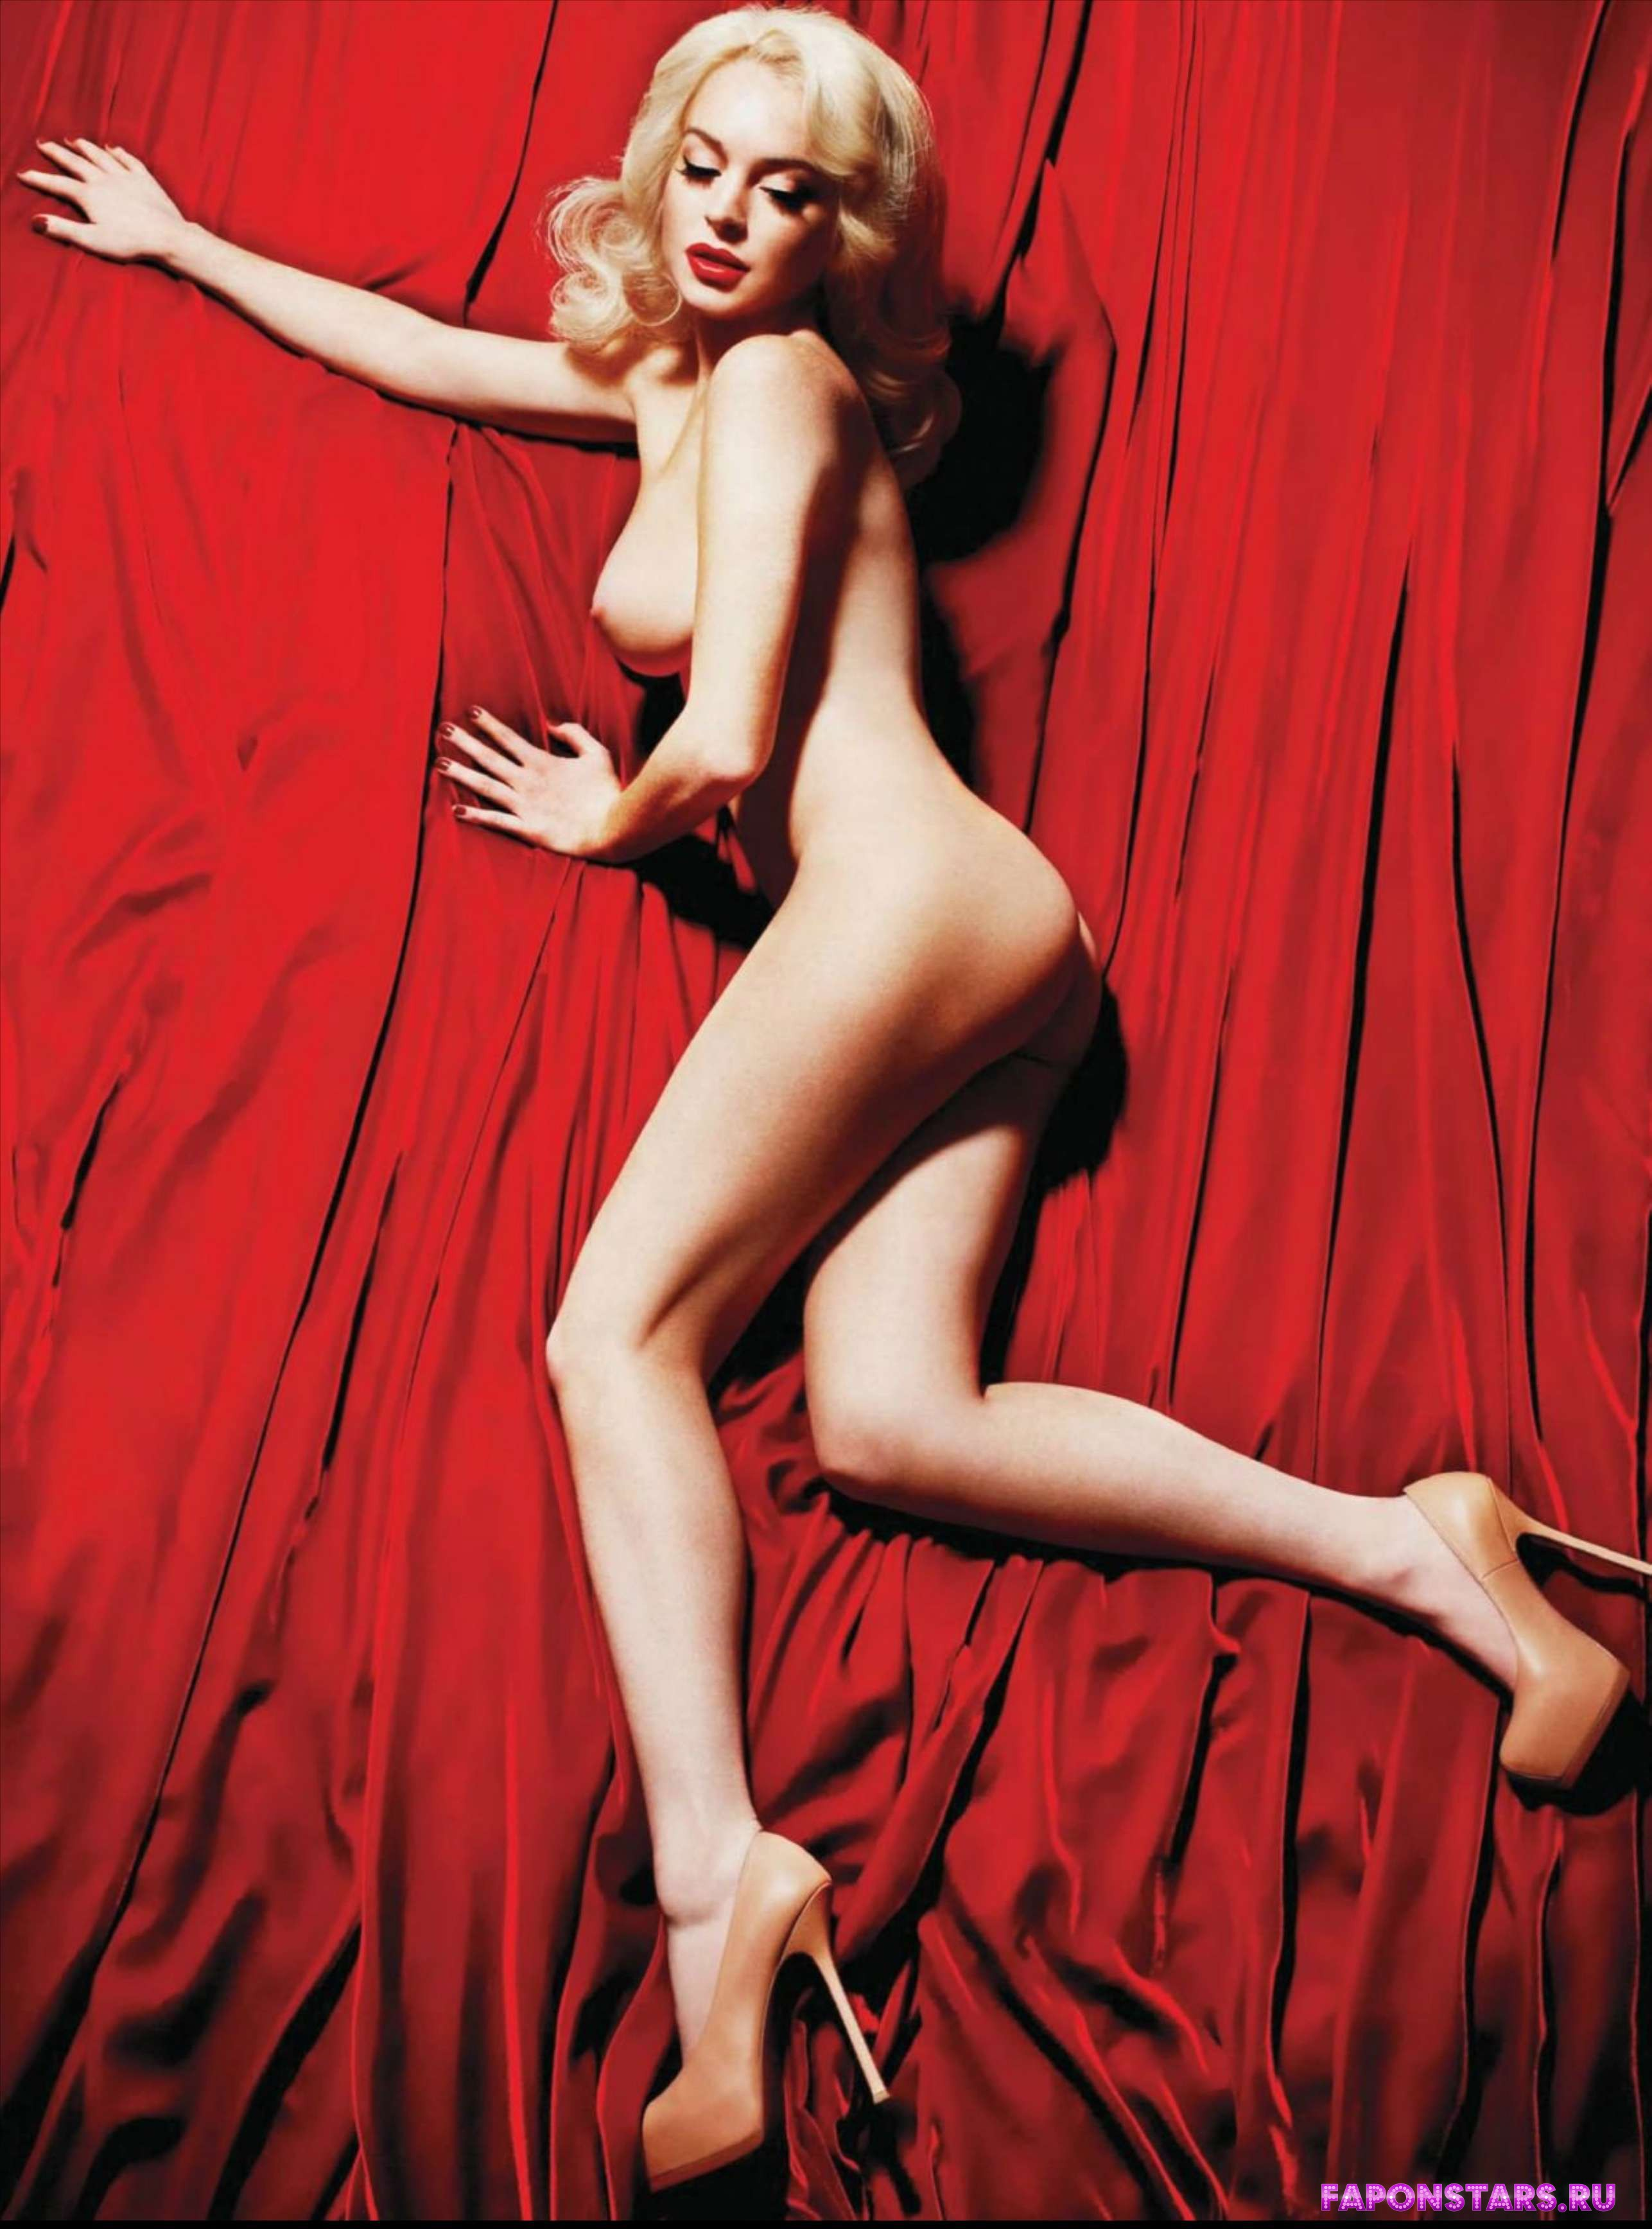 сексуальная Линдсей Лохан снялась обнаженной для эротического журнала playboy